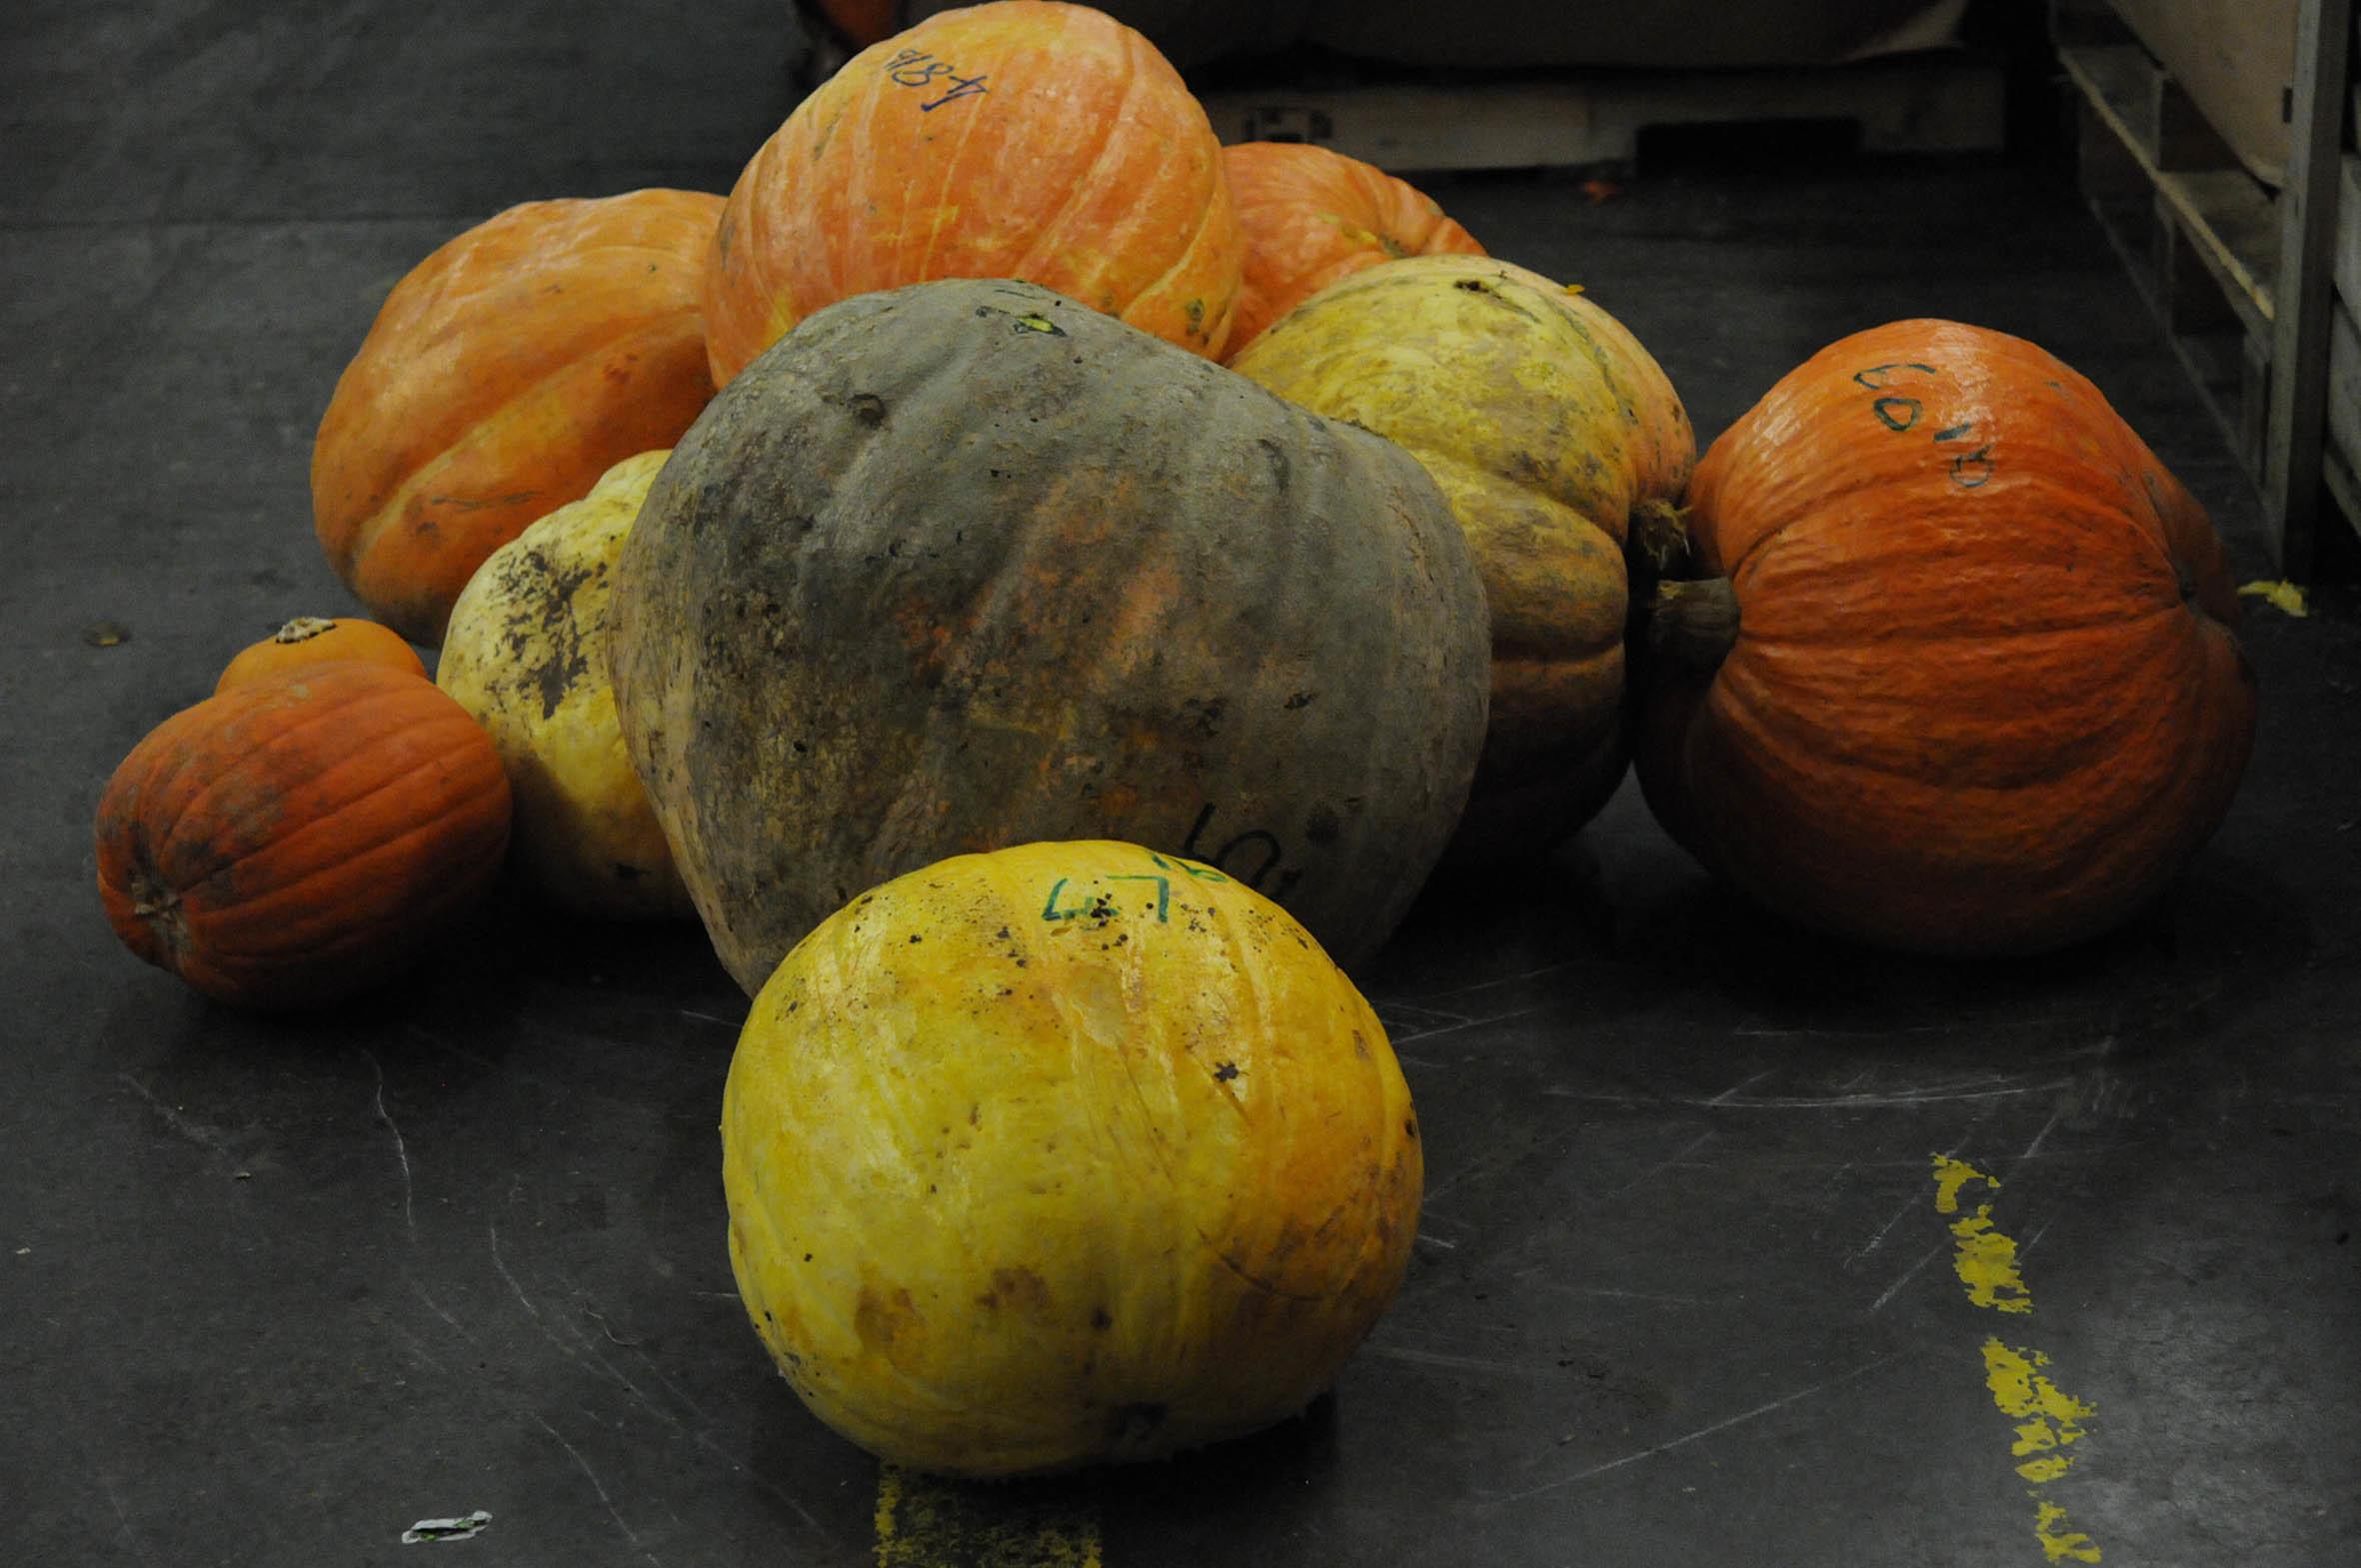 pumpkin_pile.jpg?mtime=20170922115350#asset:11404